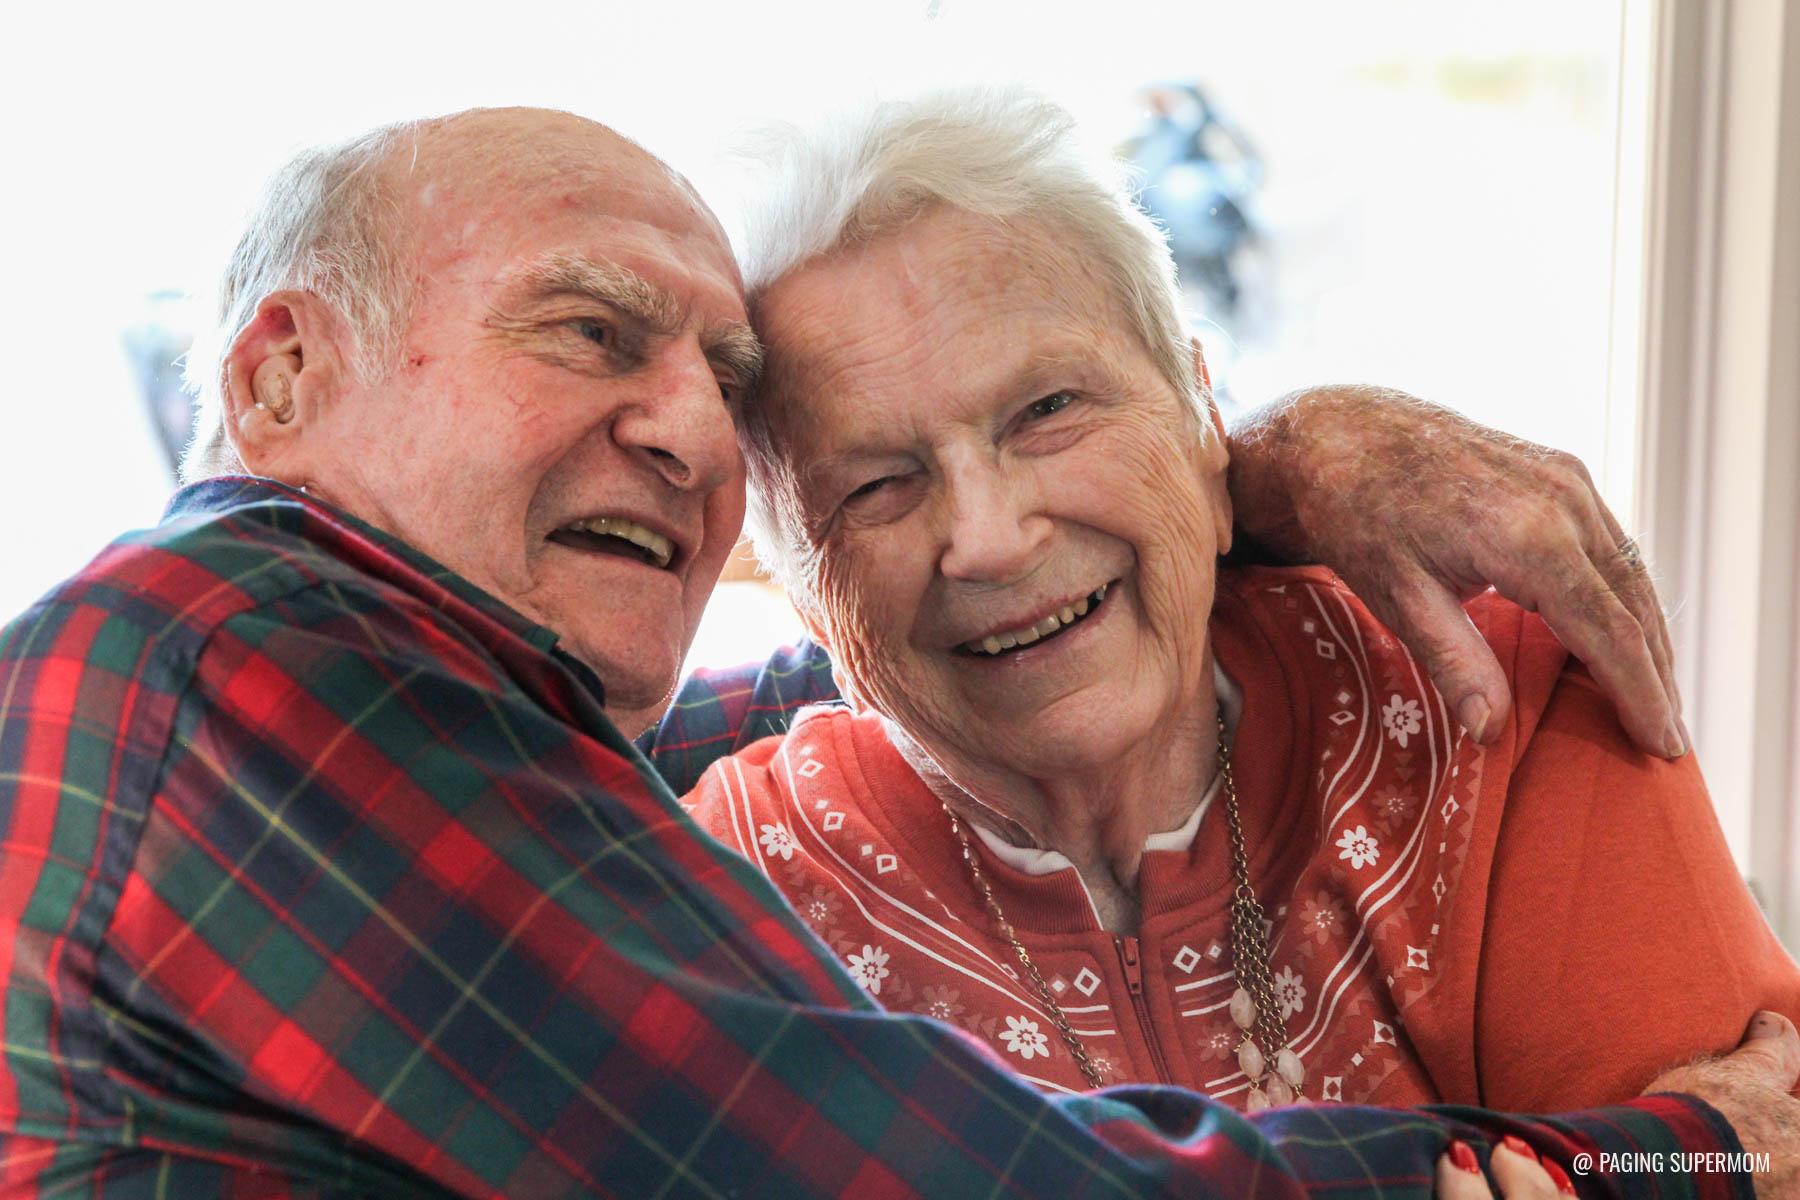 Bettijo's Grandma and Grandpa